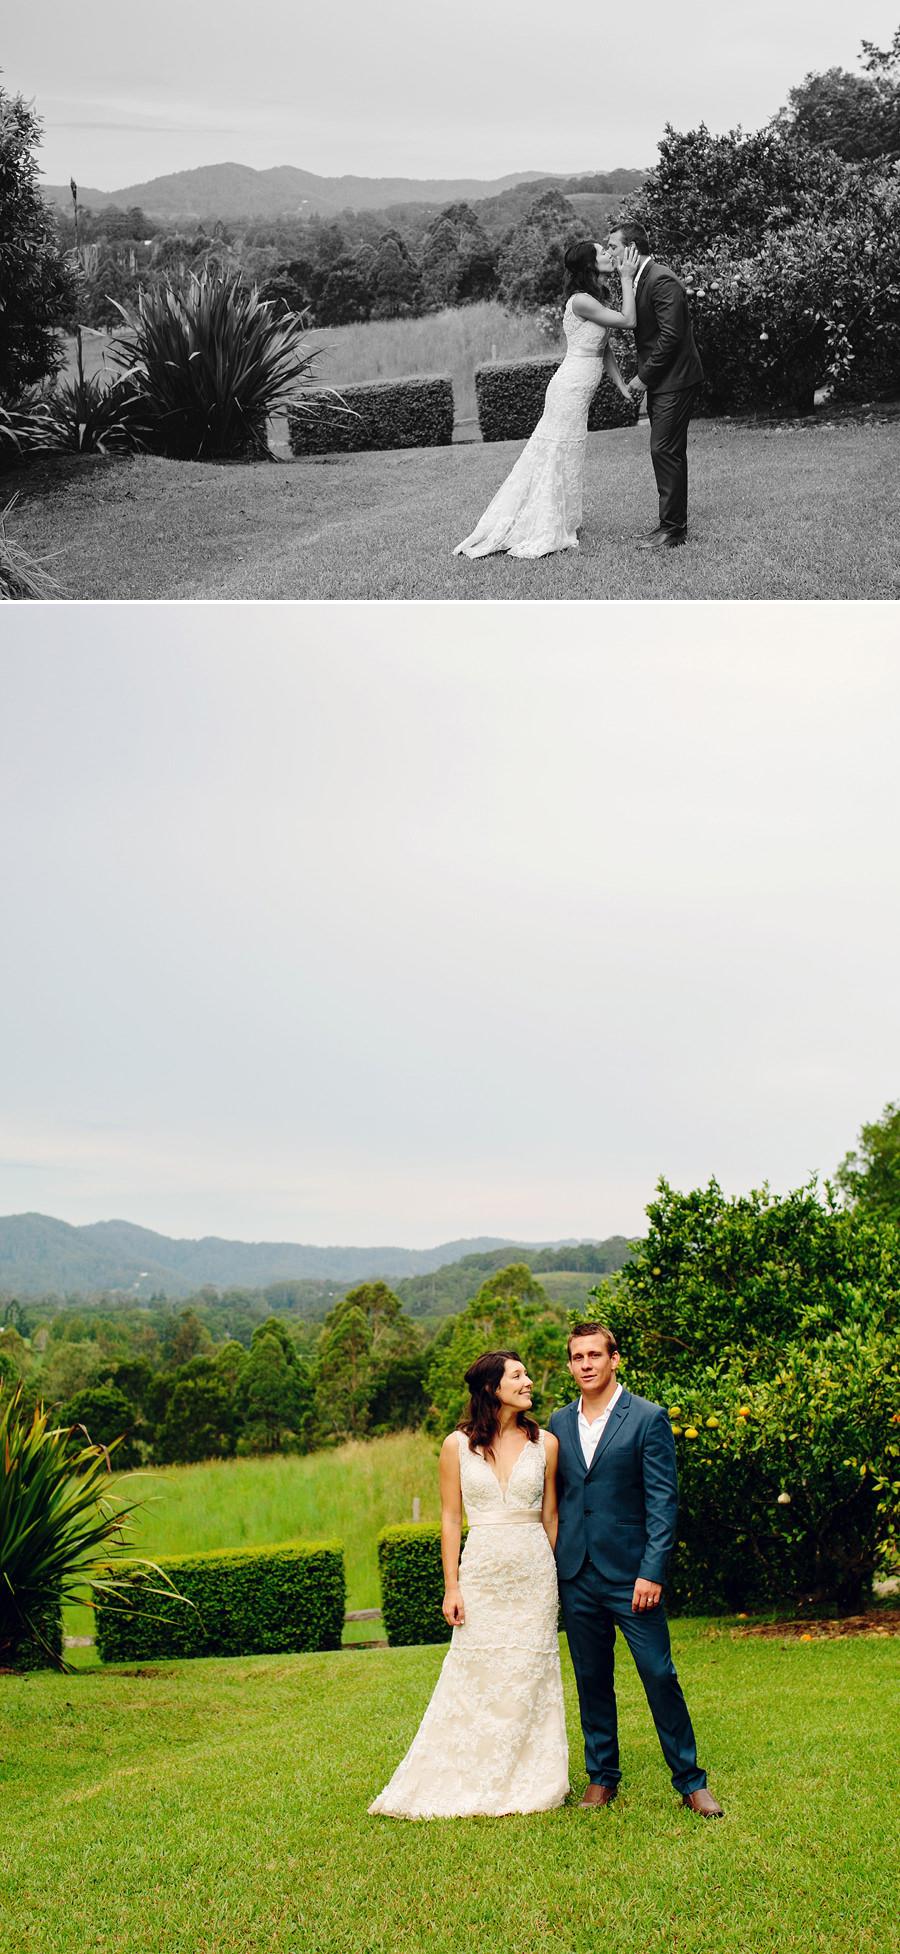 NSW Wedding Photography: Bride & Groom portraits